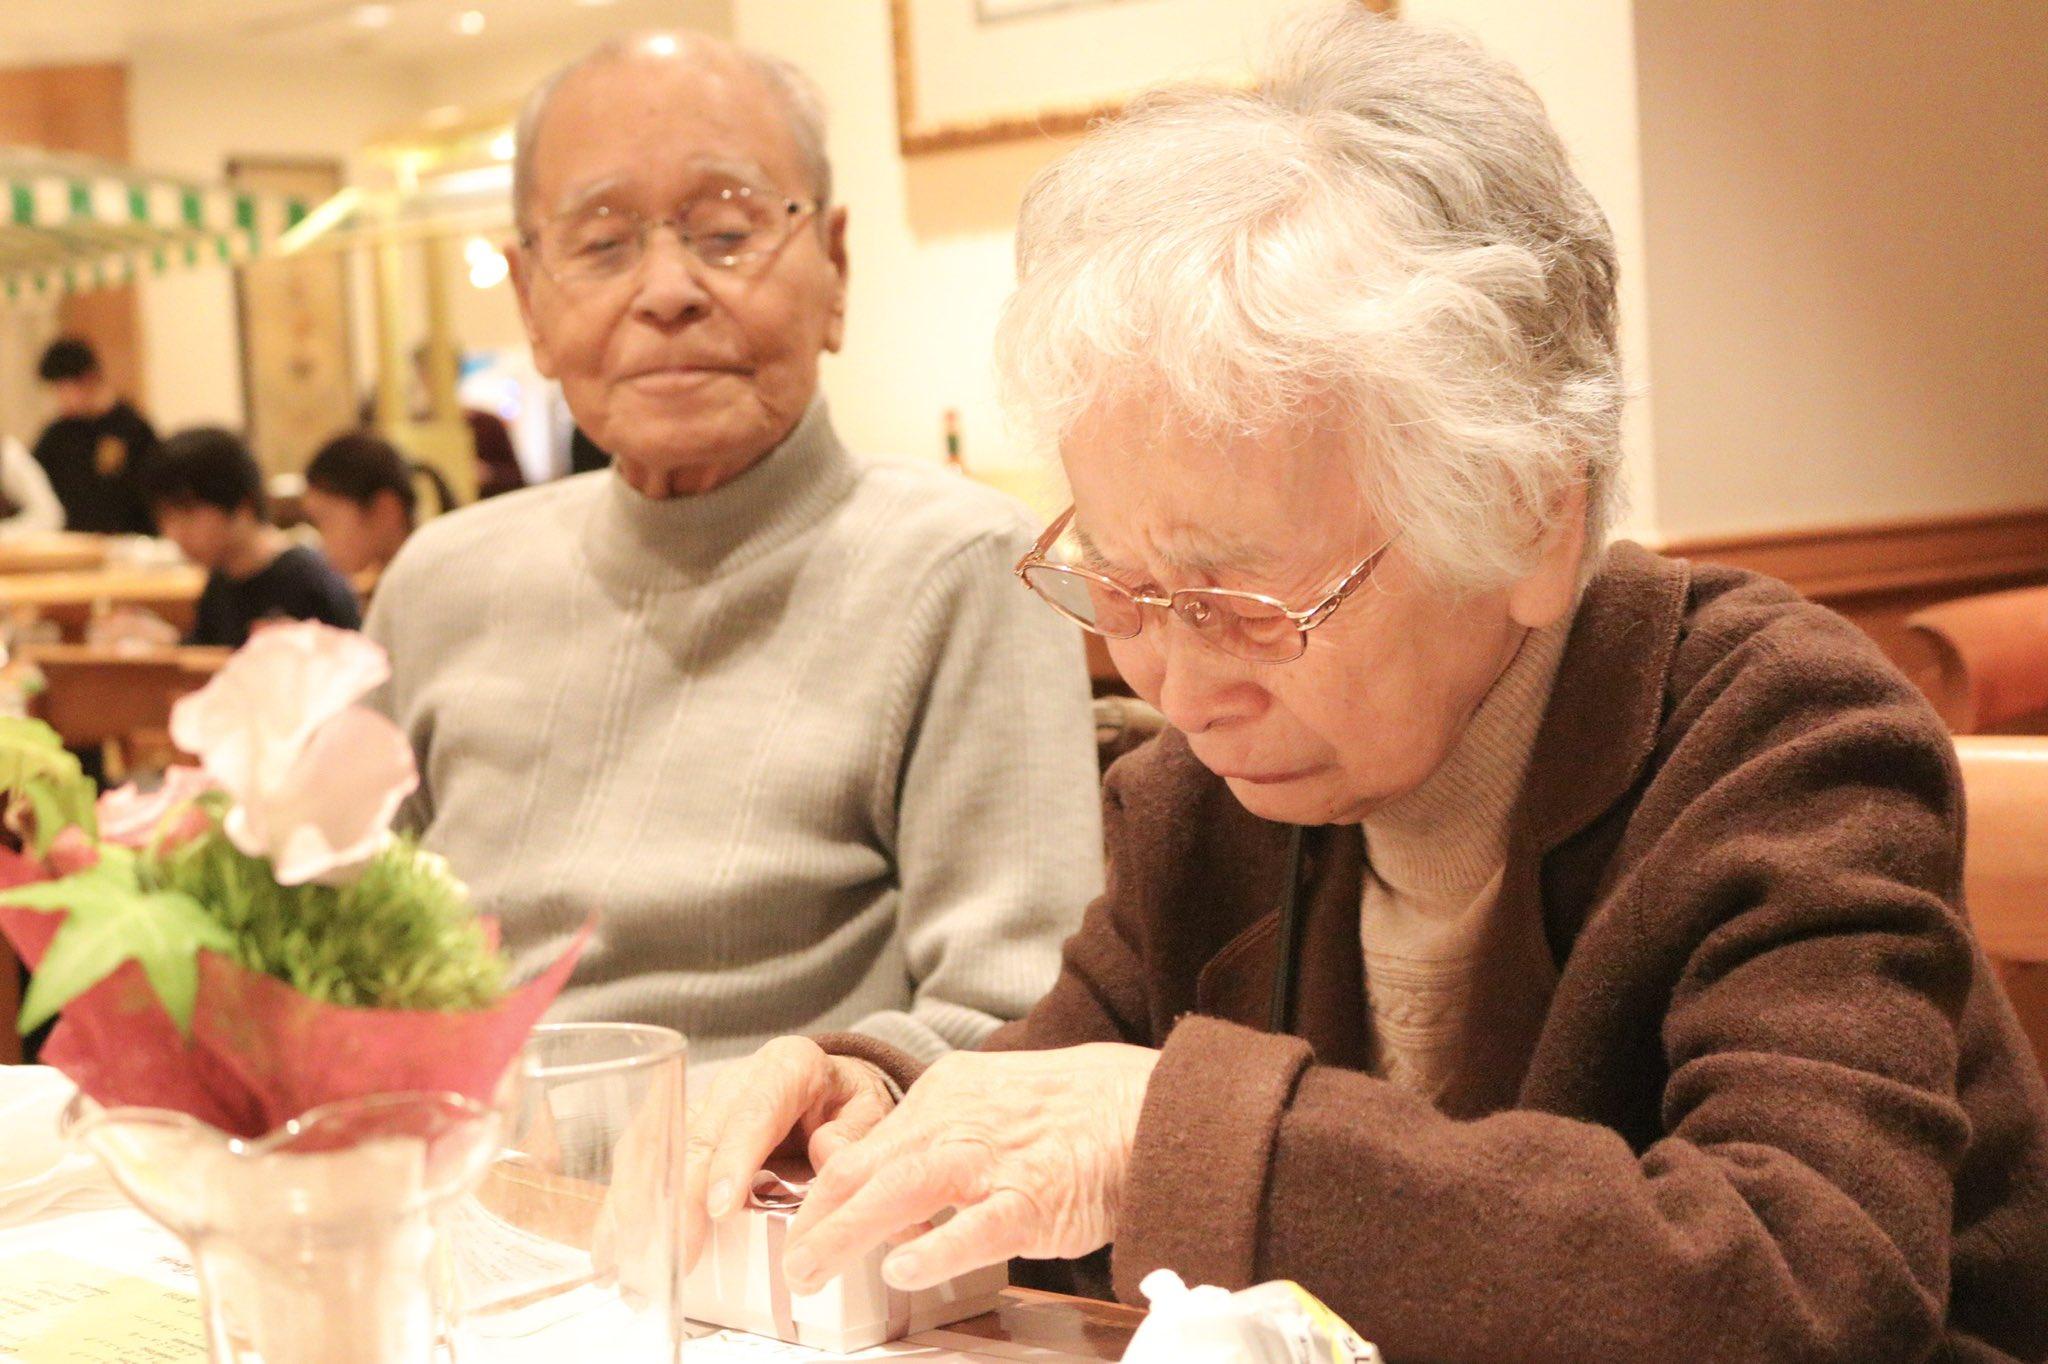 結婚60周年を迎えたときにおじいちゃんからおばあちゃんへのプレゼントが素敵すぎる!!